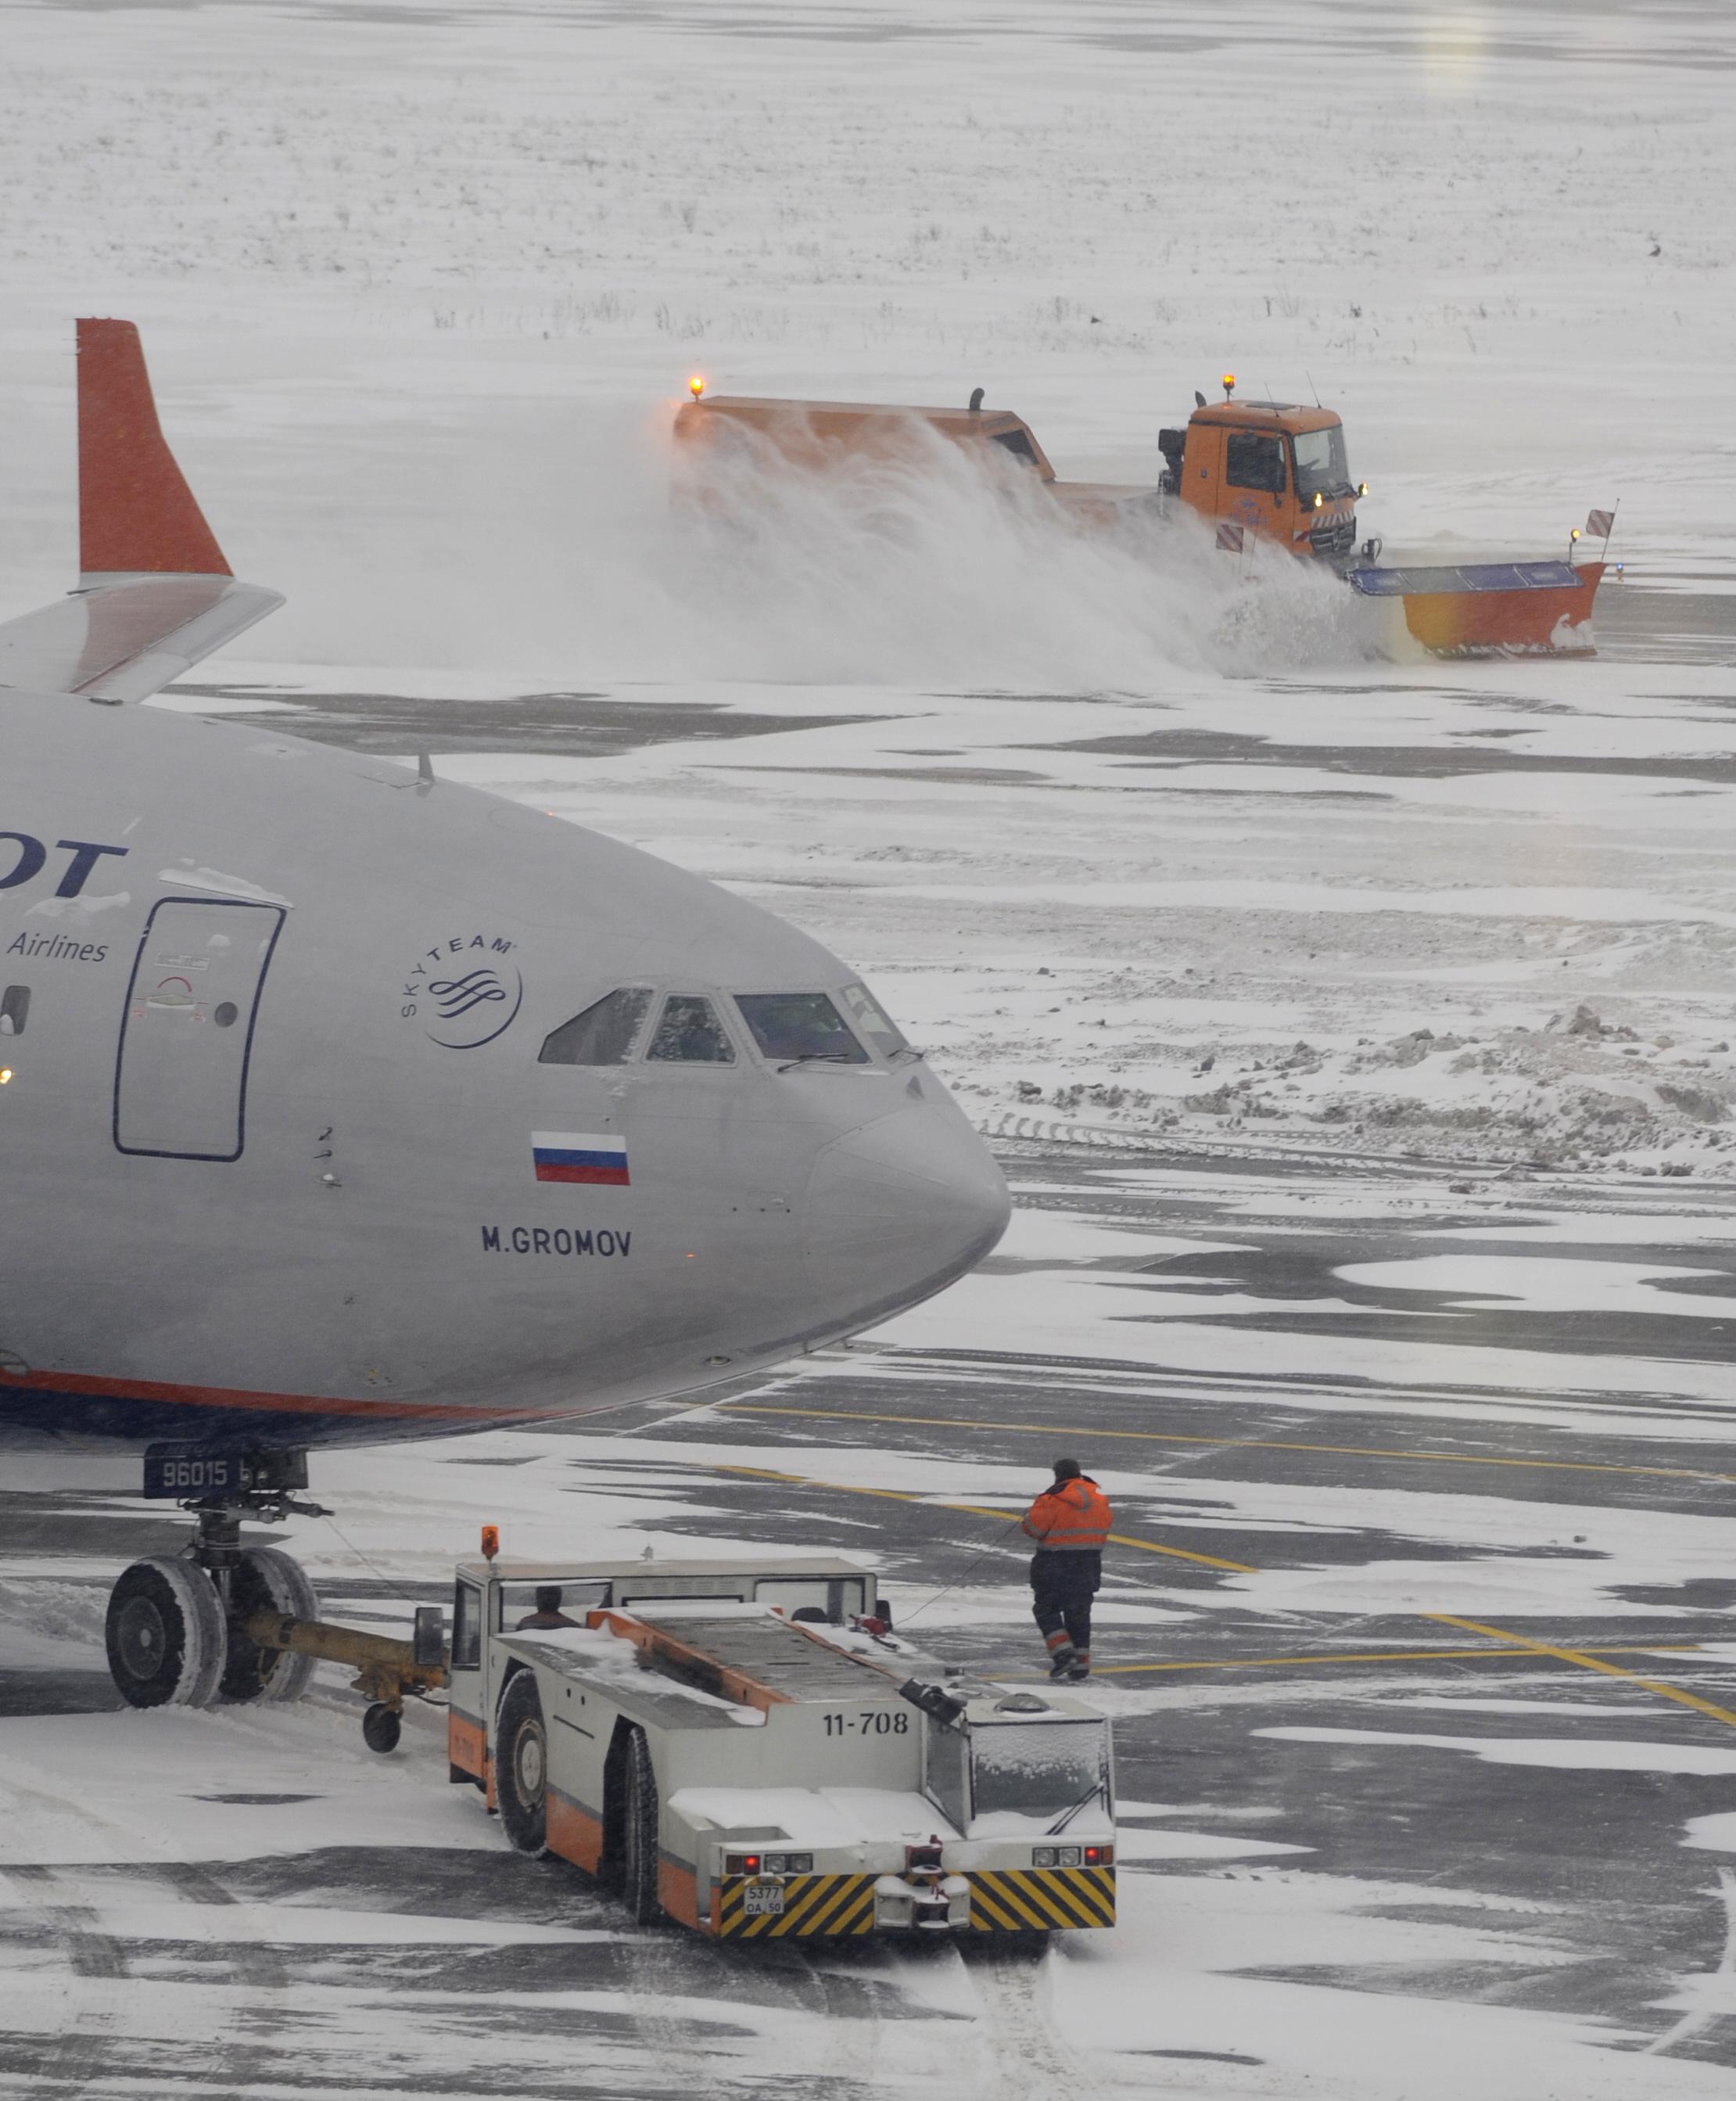 Из-за погоды в московских аэропортах отменено около 100 рейсов